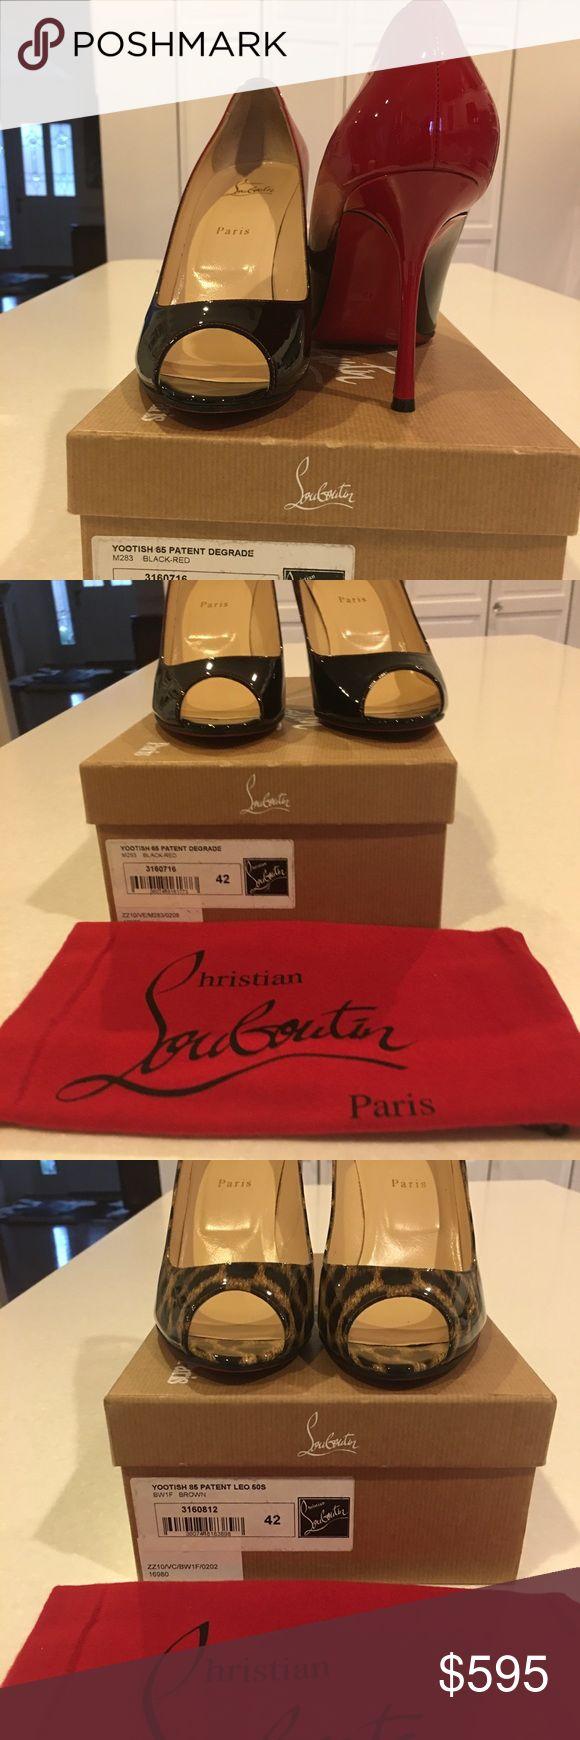 Christian Louboutin Yootish Patent Yootish Patent Red and Black Yootish Patent Brown Panther Print Christian Louboutin Shoes Heels